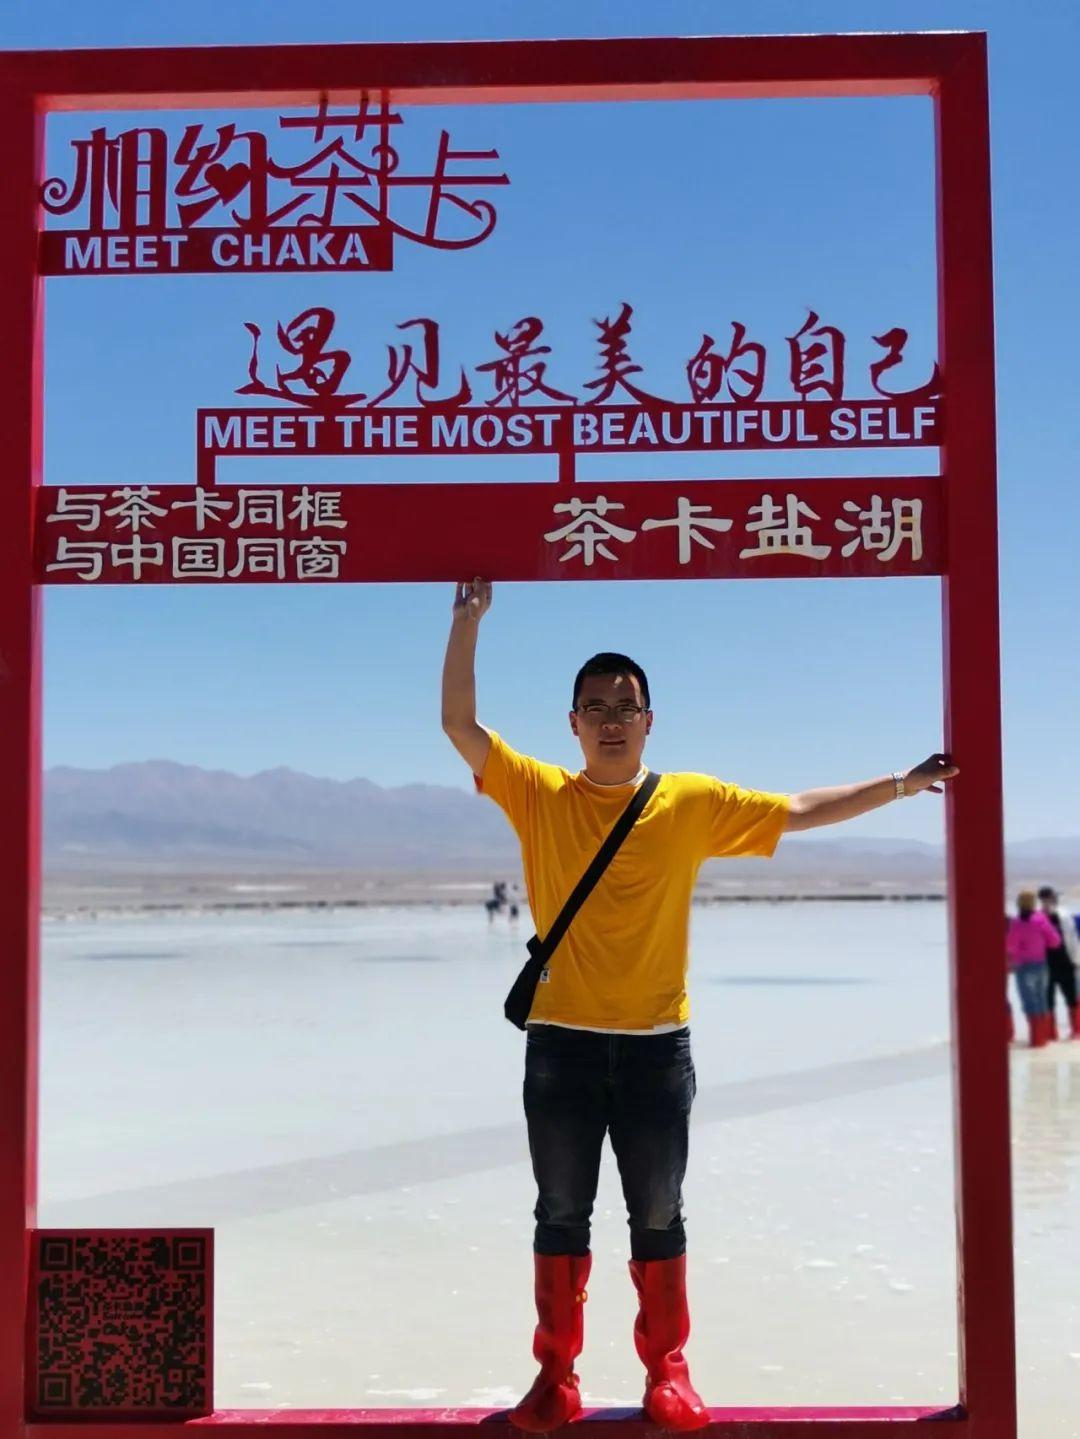 在这里,将温暖传递下去——蒋友林的成长故事图片